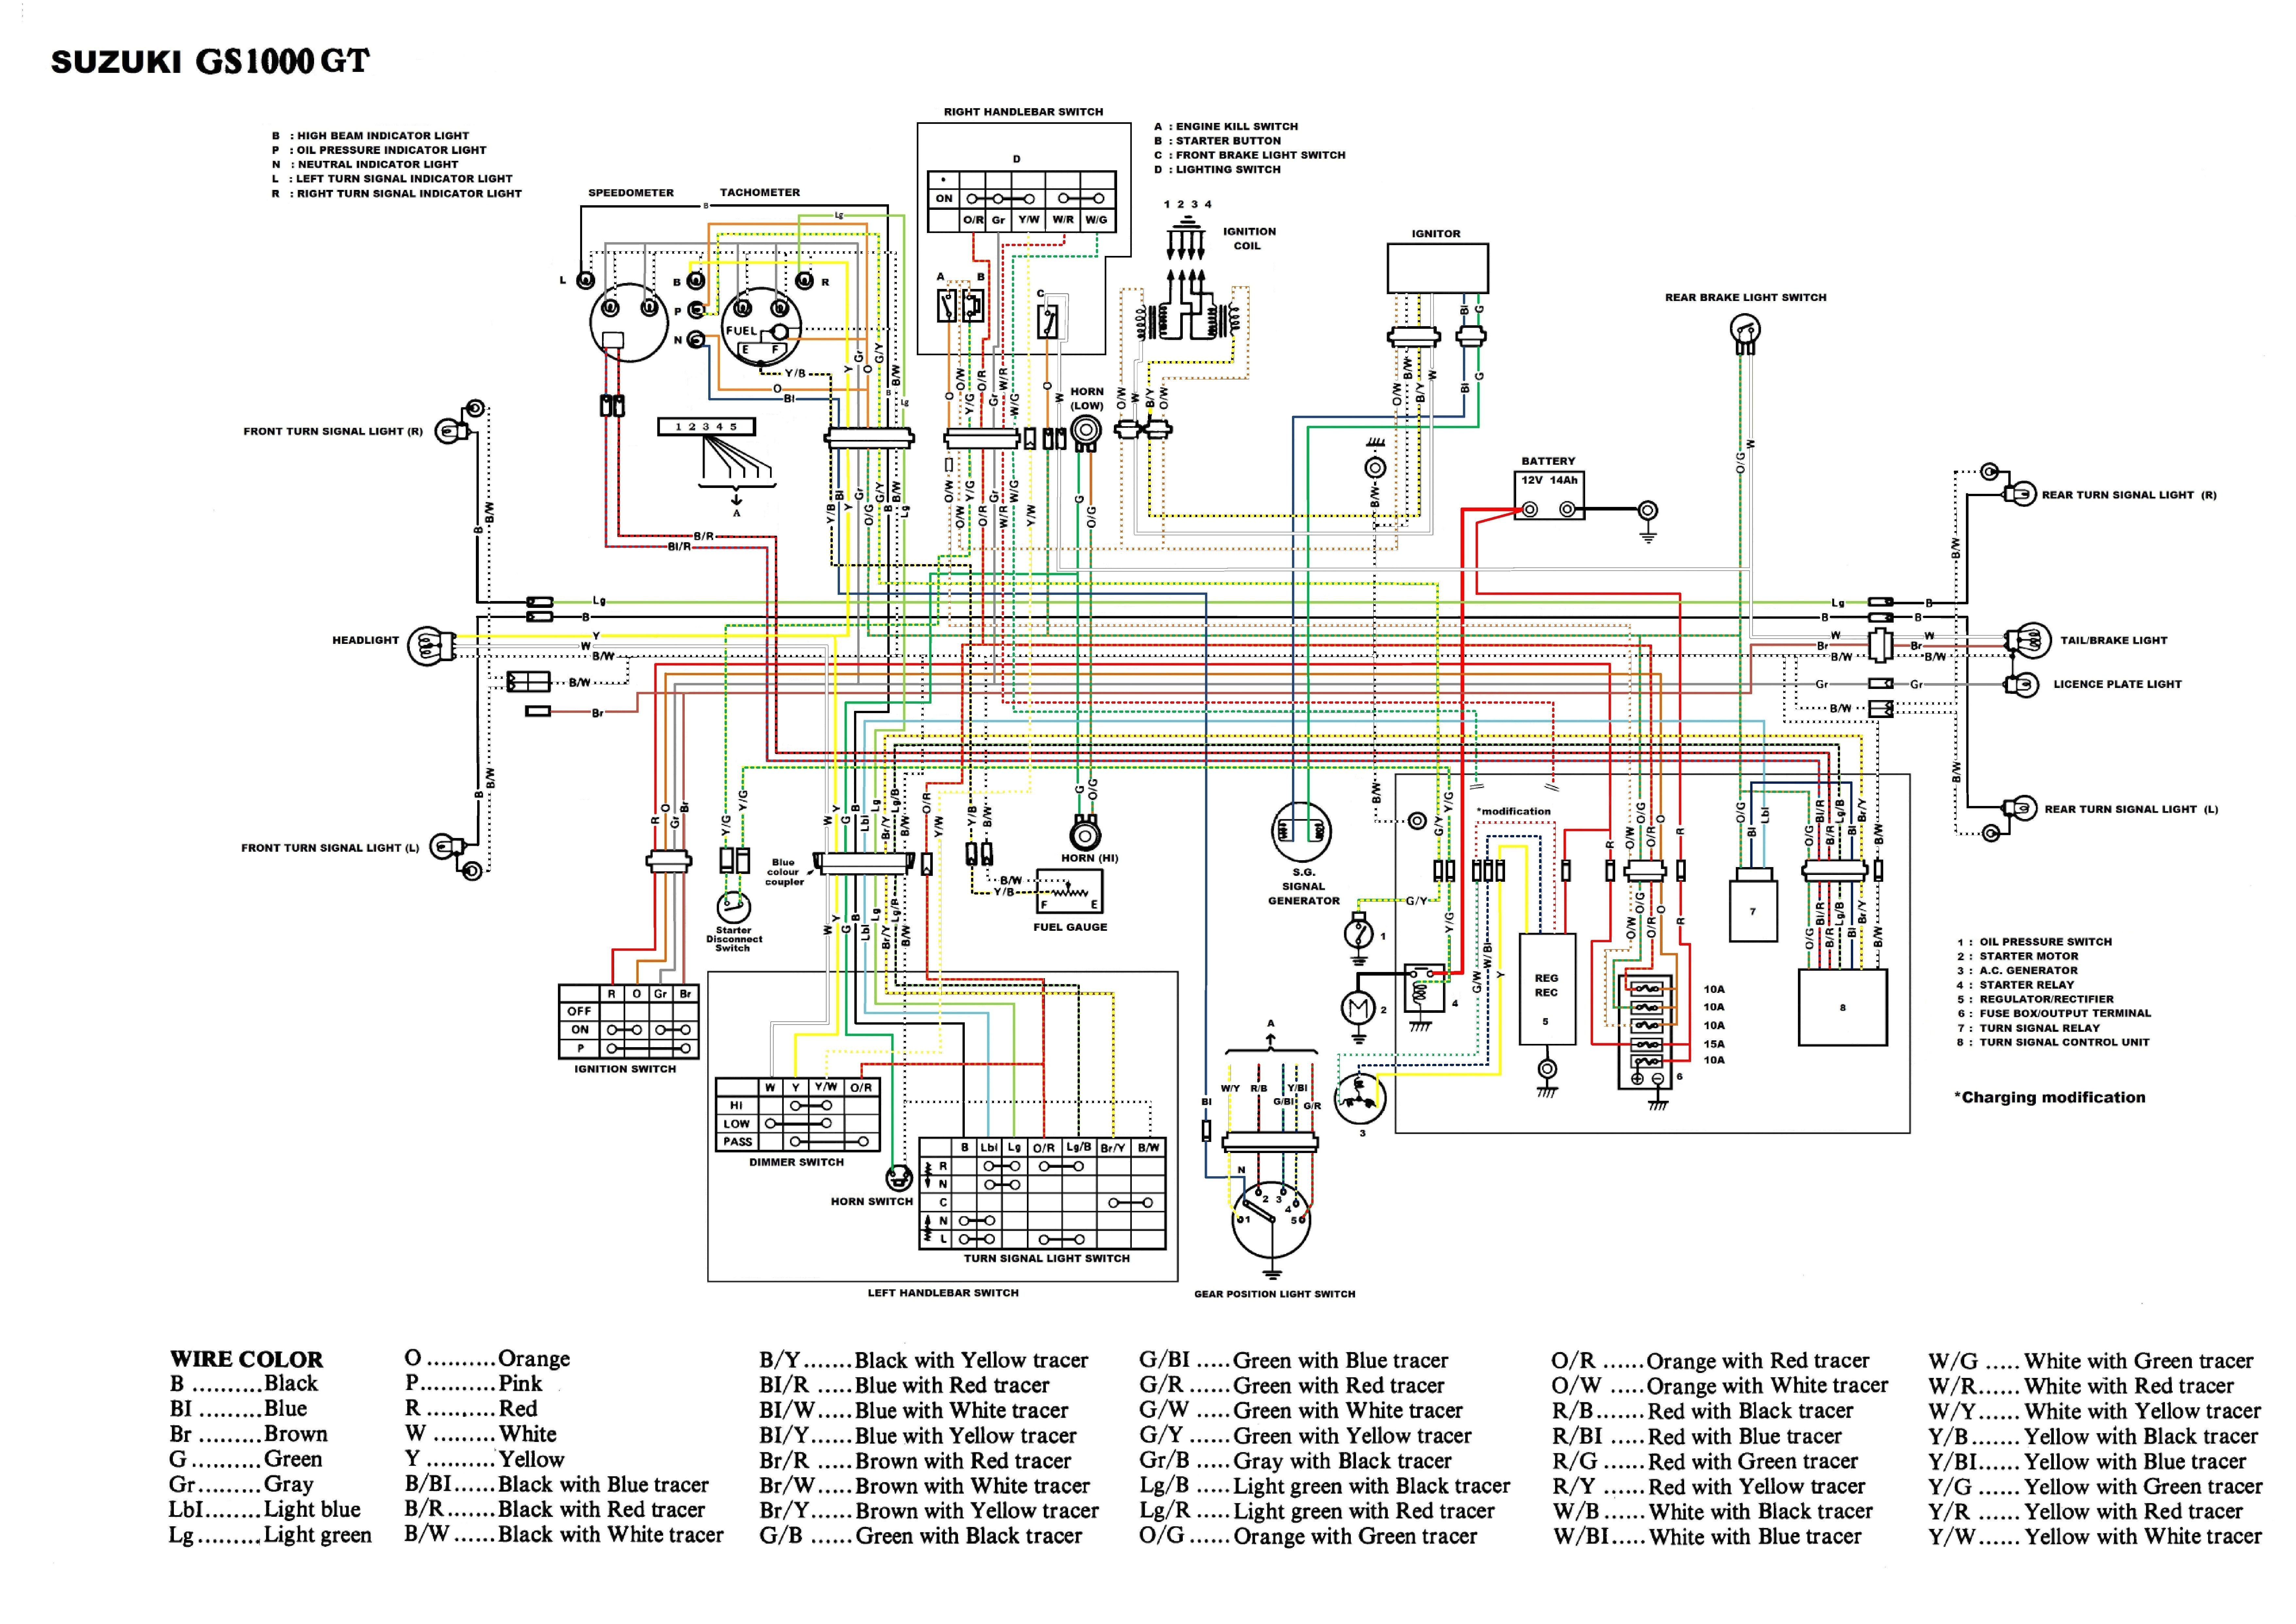 Suzuki Motorcycle Wiring Diagram Suzuki Electrical Wiring Diagrams Wiring Diagram Technic